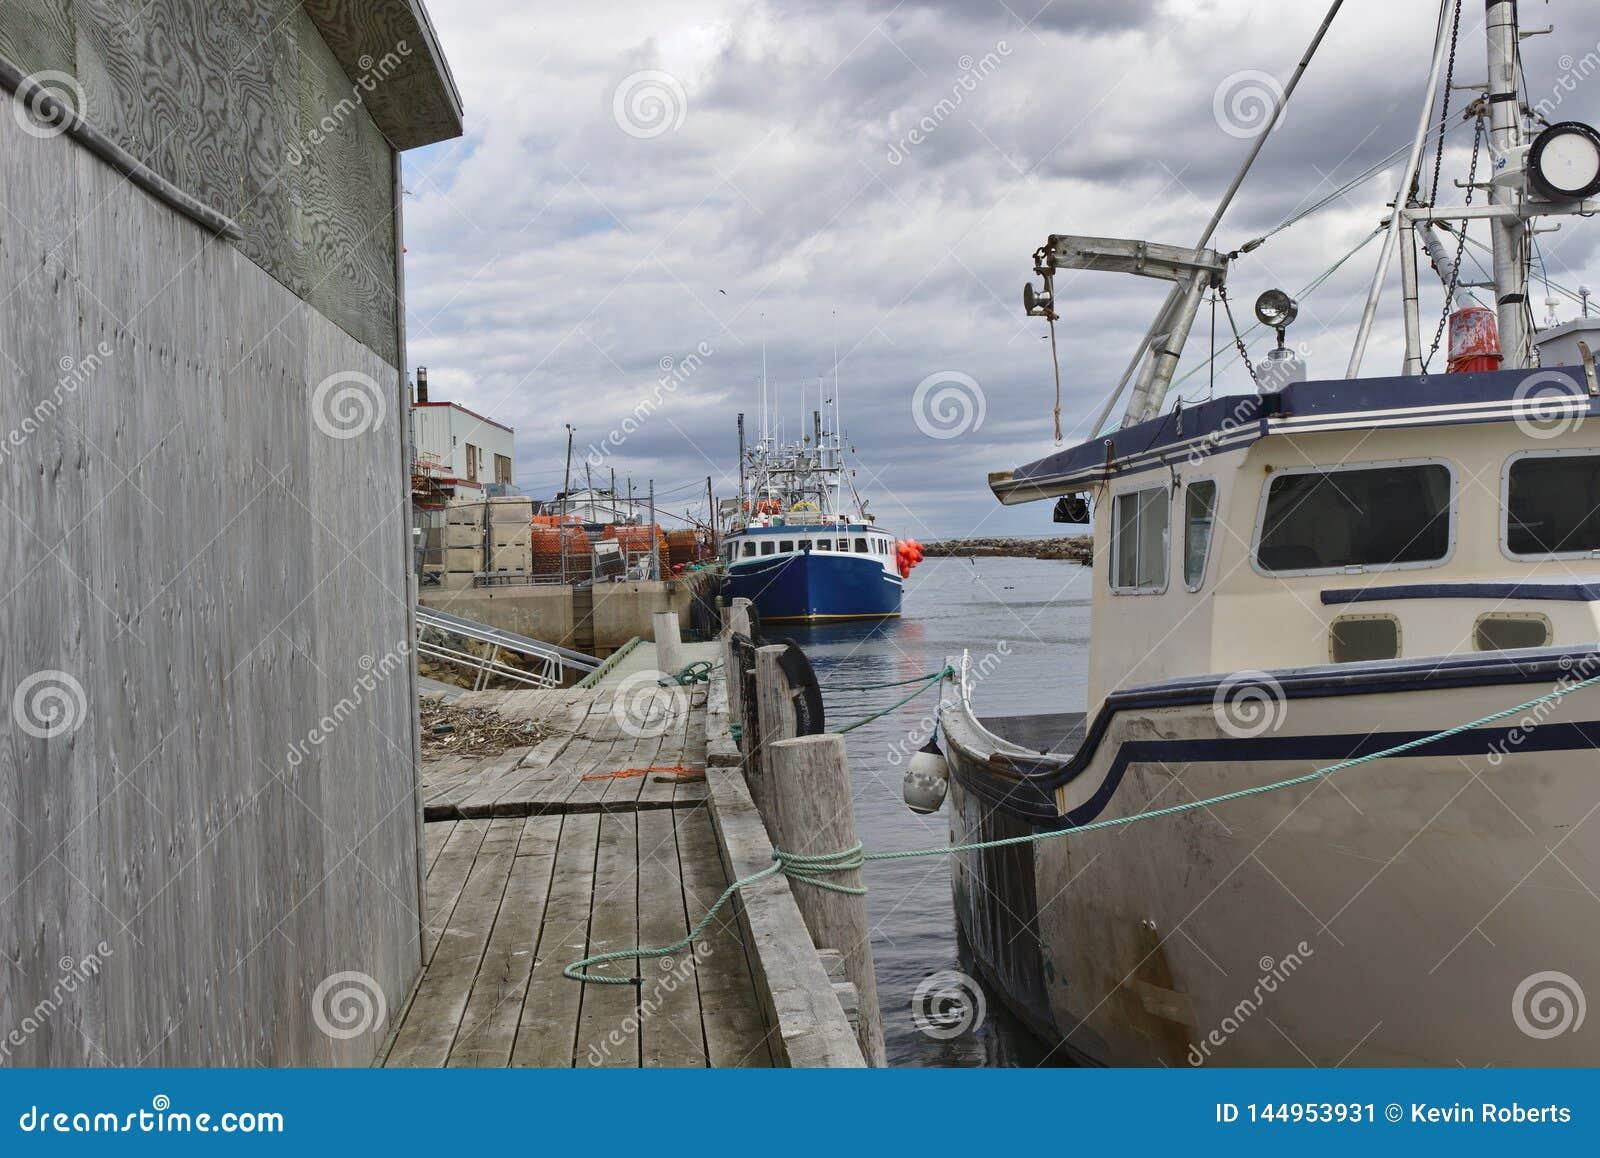 Bateau de pêche dans le port 3123 A